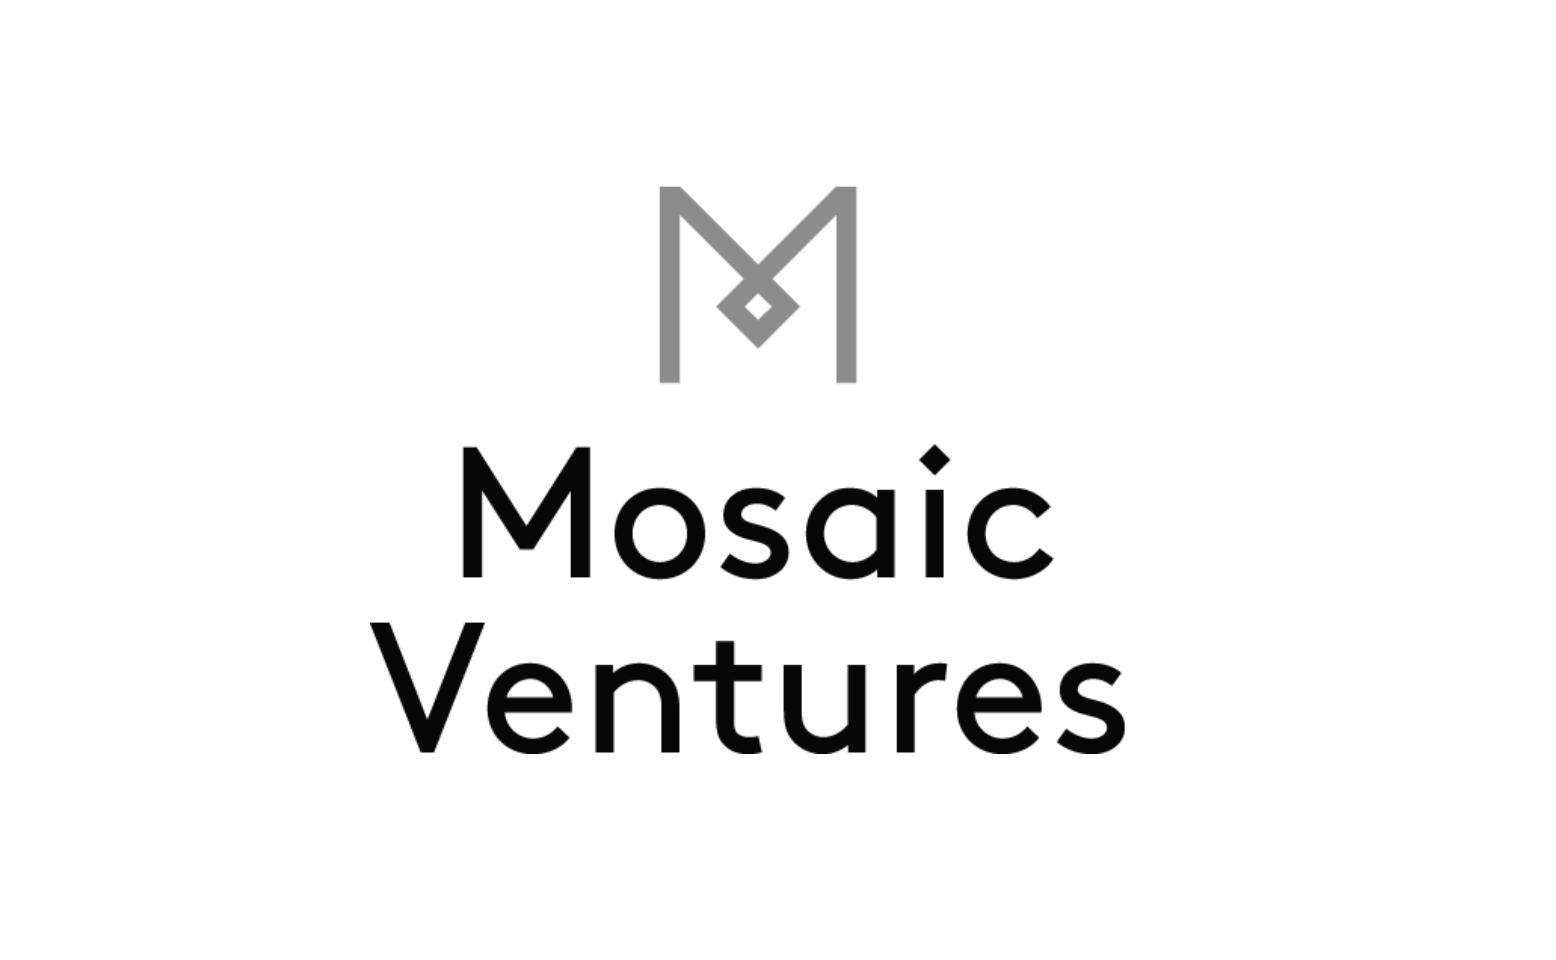 Mosaic_Ventures